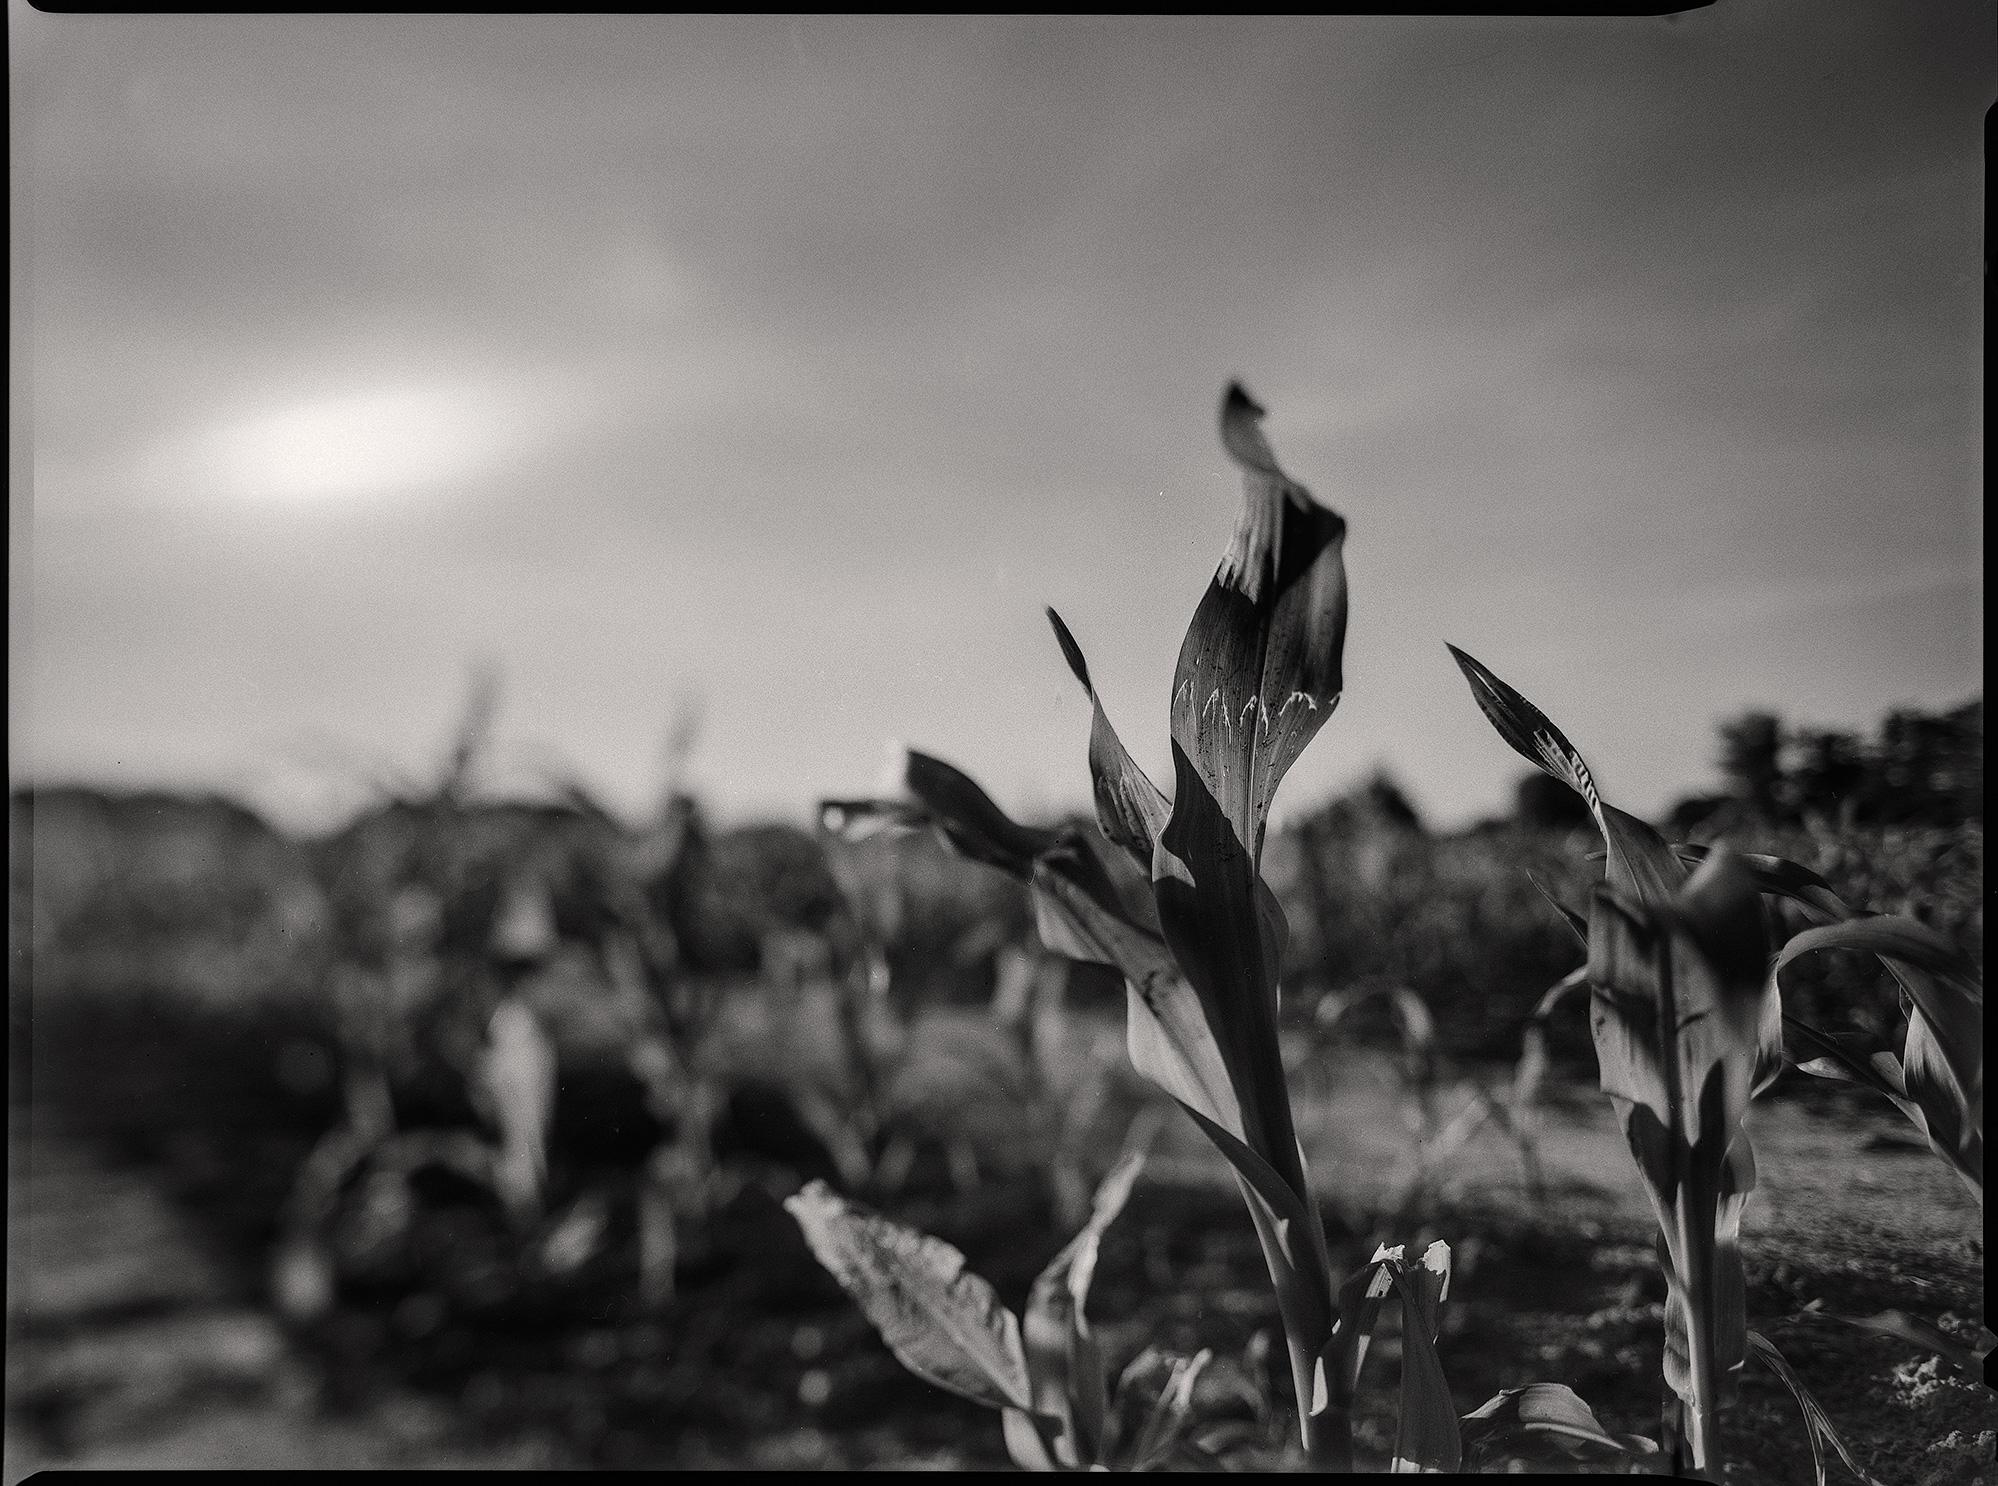 Einzelne Maispflanze